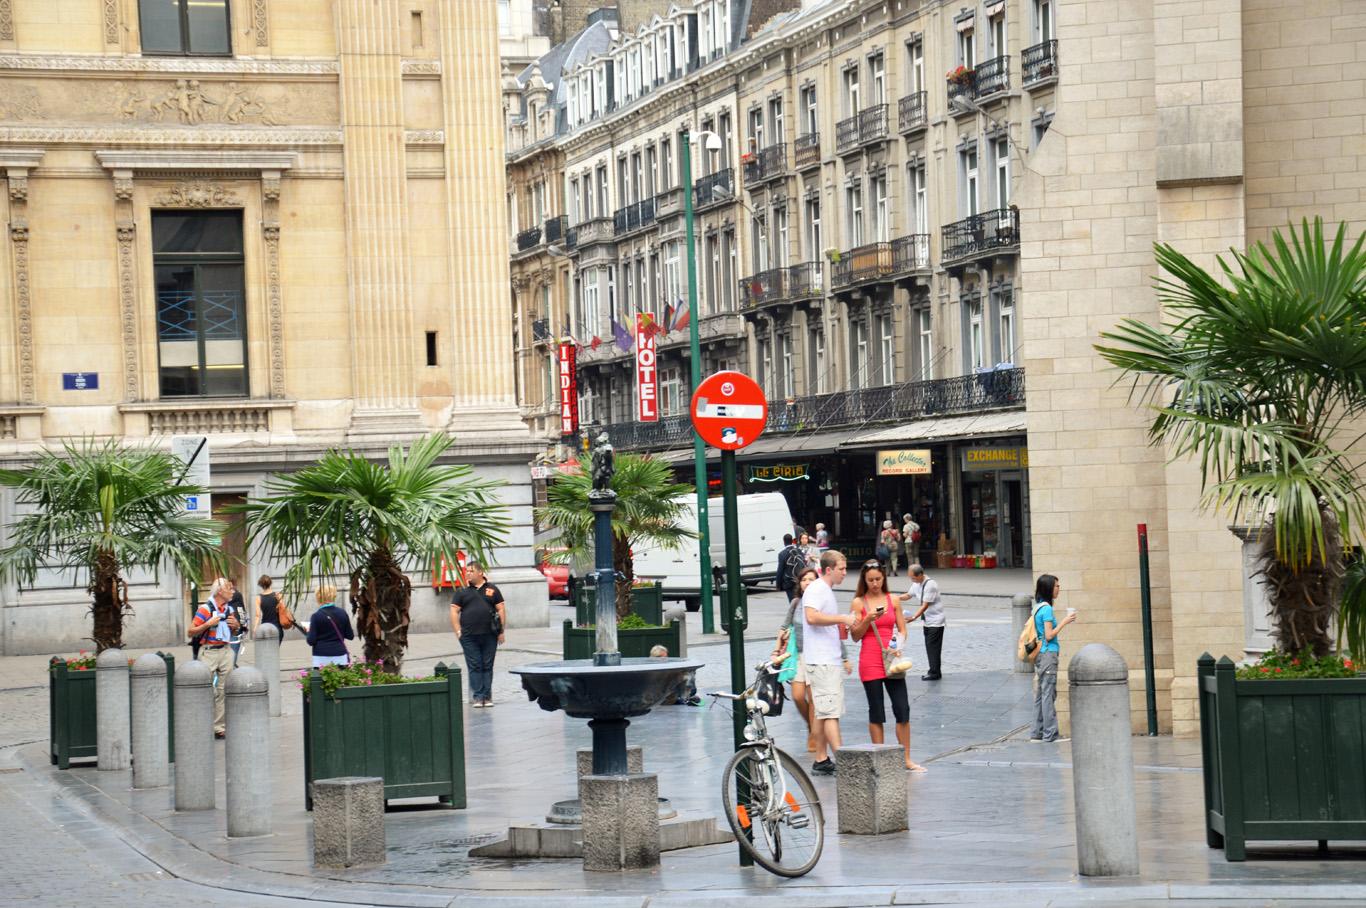 Street in Brussels